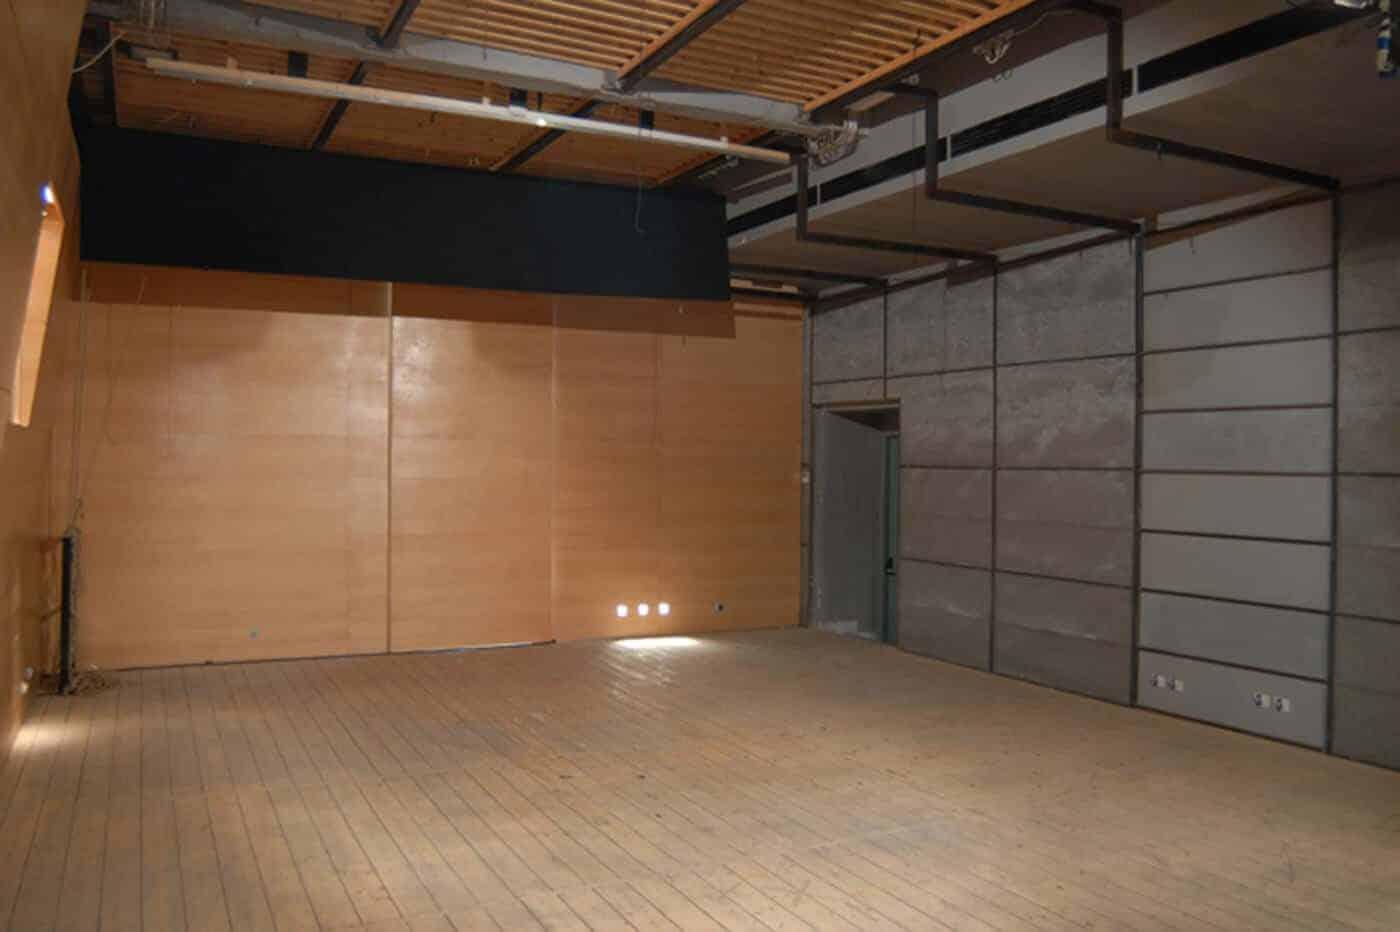 Teatro Stabile Napoli - Ridotto-5